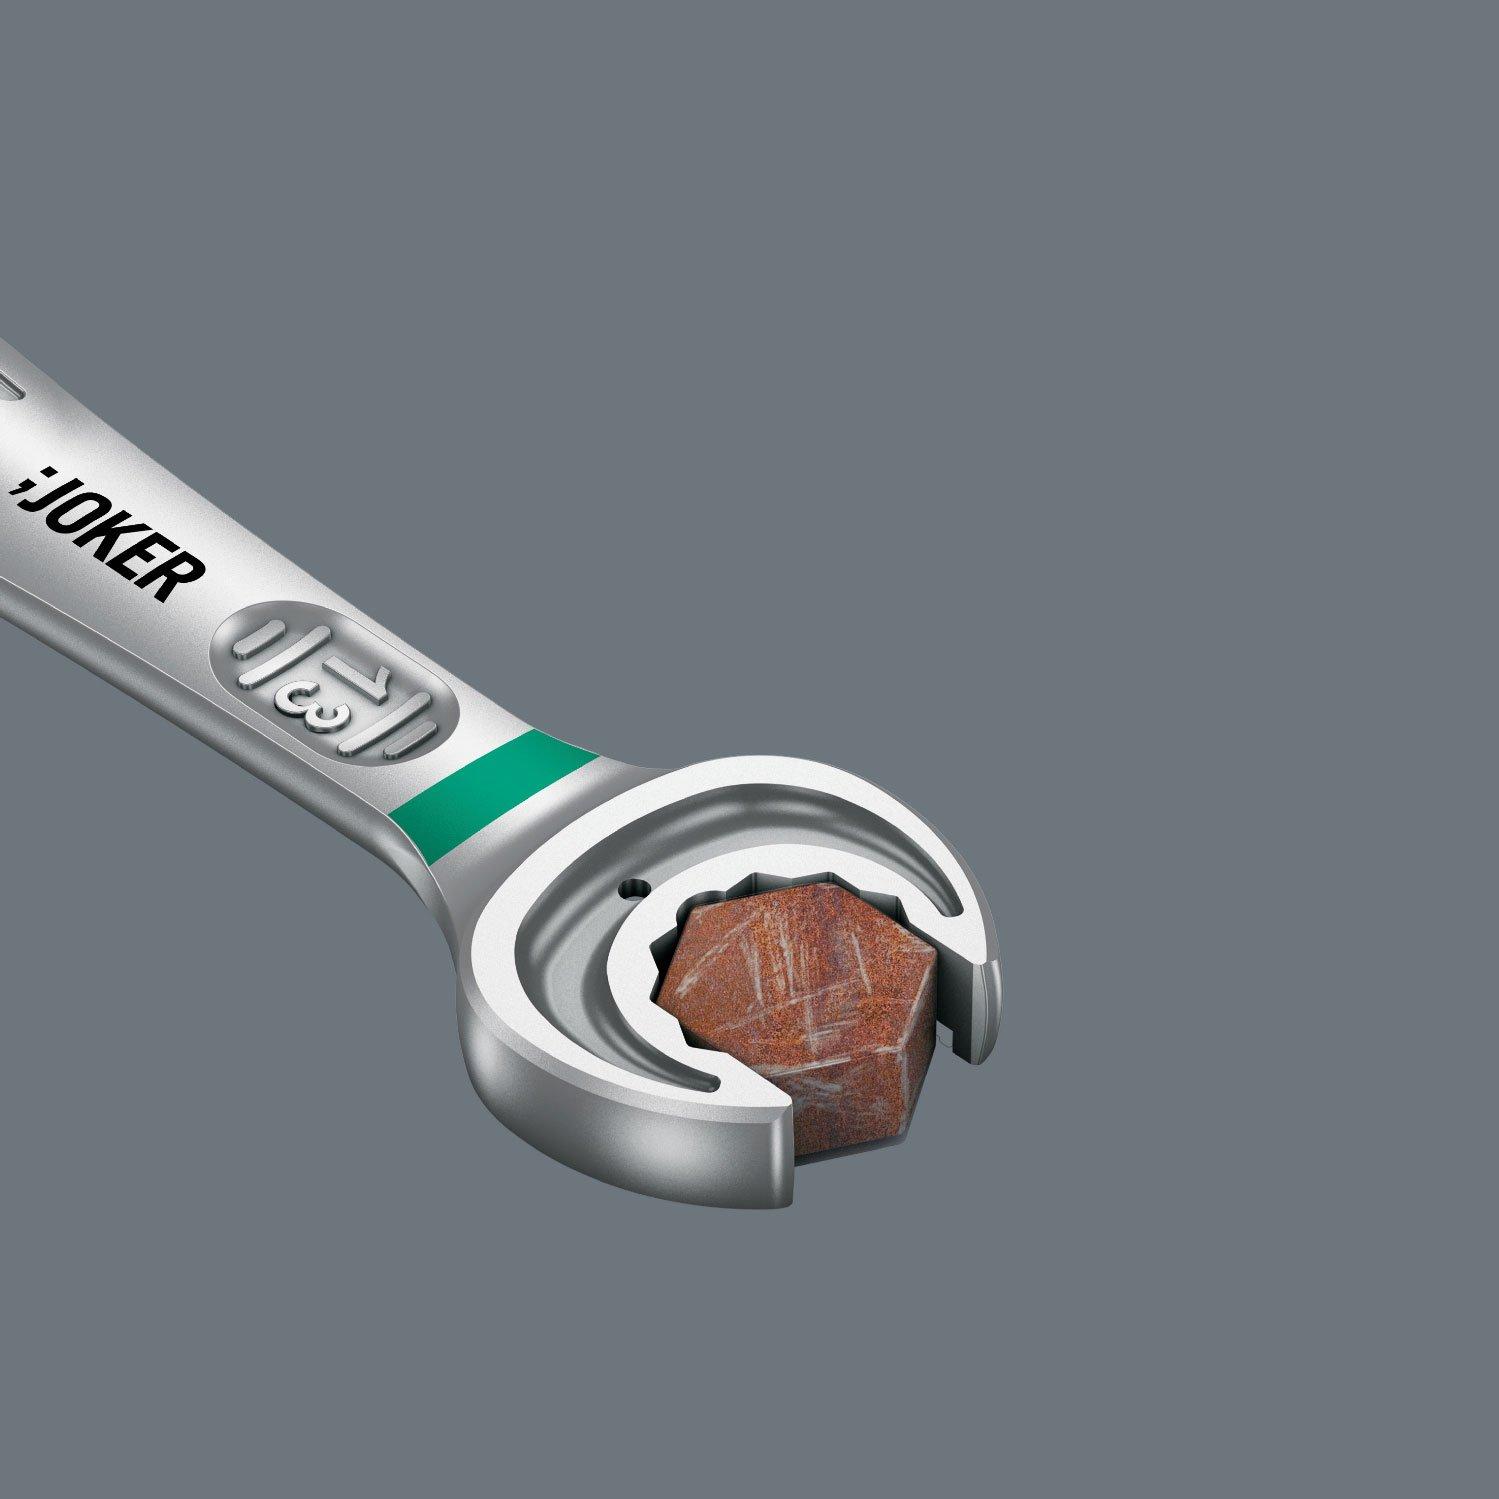 Joker Switch Chiavi fisse ad anello a cricchetto con levetta di inversione 13 x 179 mm